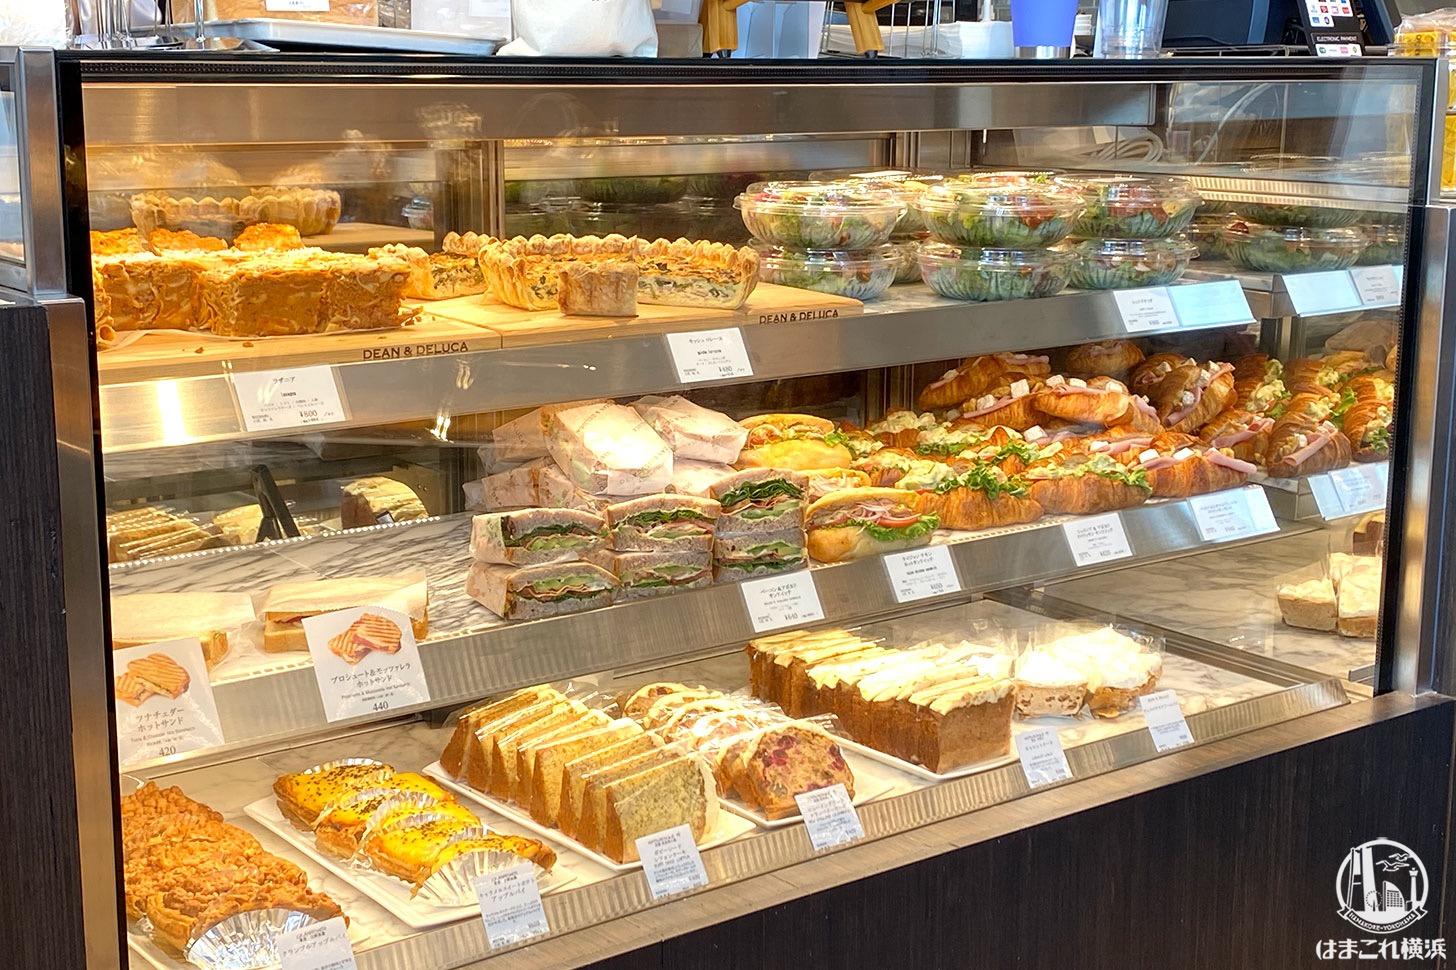 ディーンアンドデルーカカフェ コレットマーレみなとみらい レジ横のパン各種